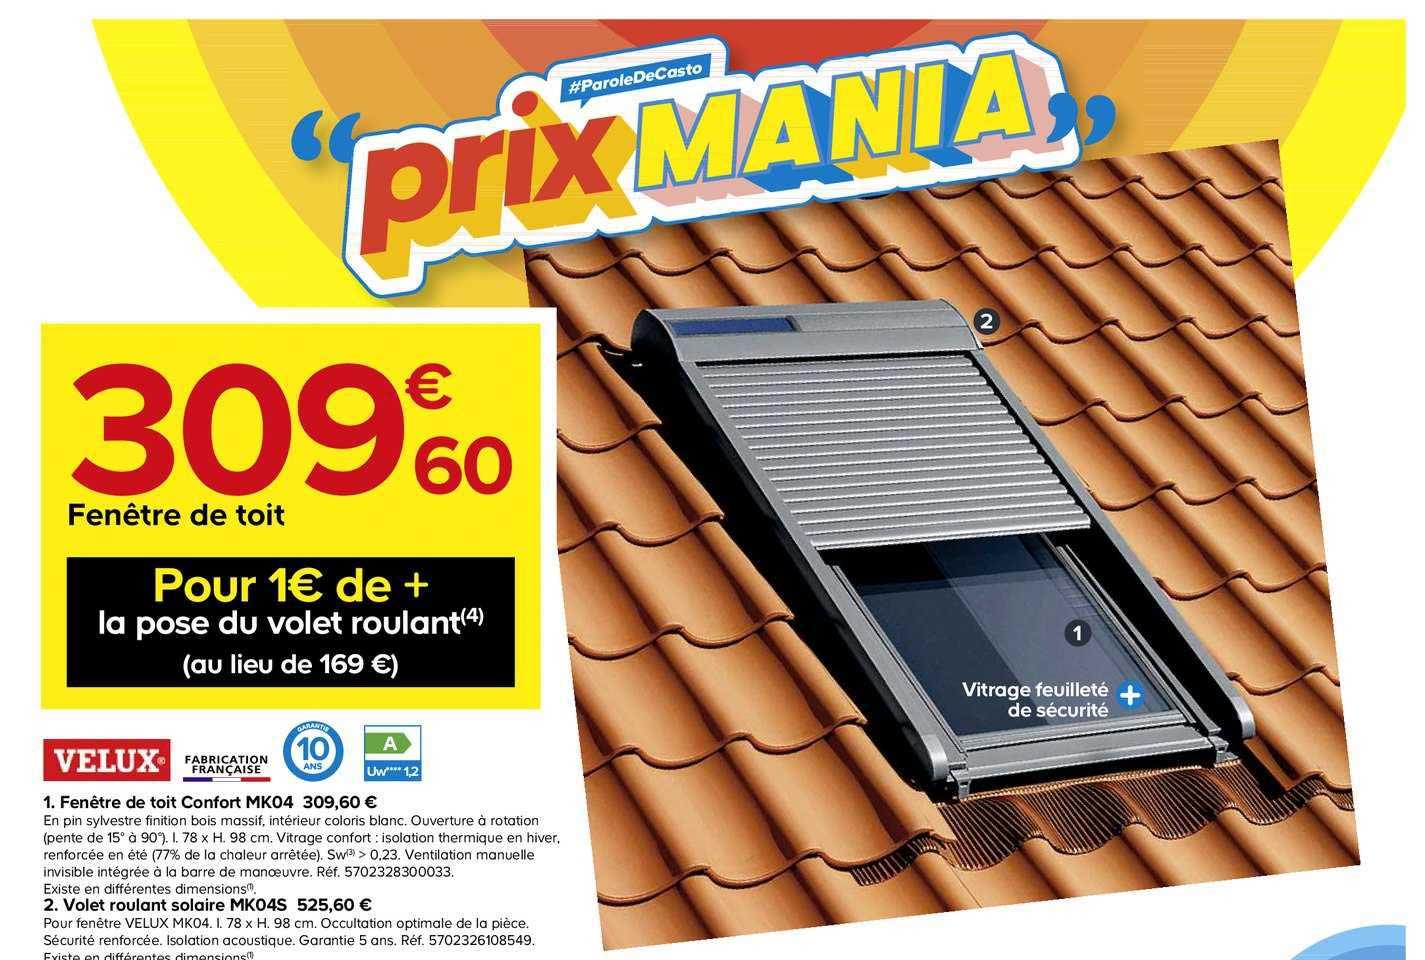 Offre Fenetre De Toit Confort Mk04 Velux Volet Roulant Solaire Mk04s Velux Chez Castorama